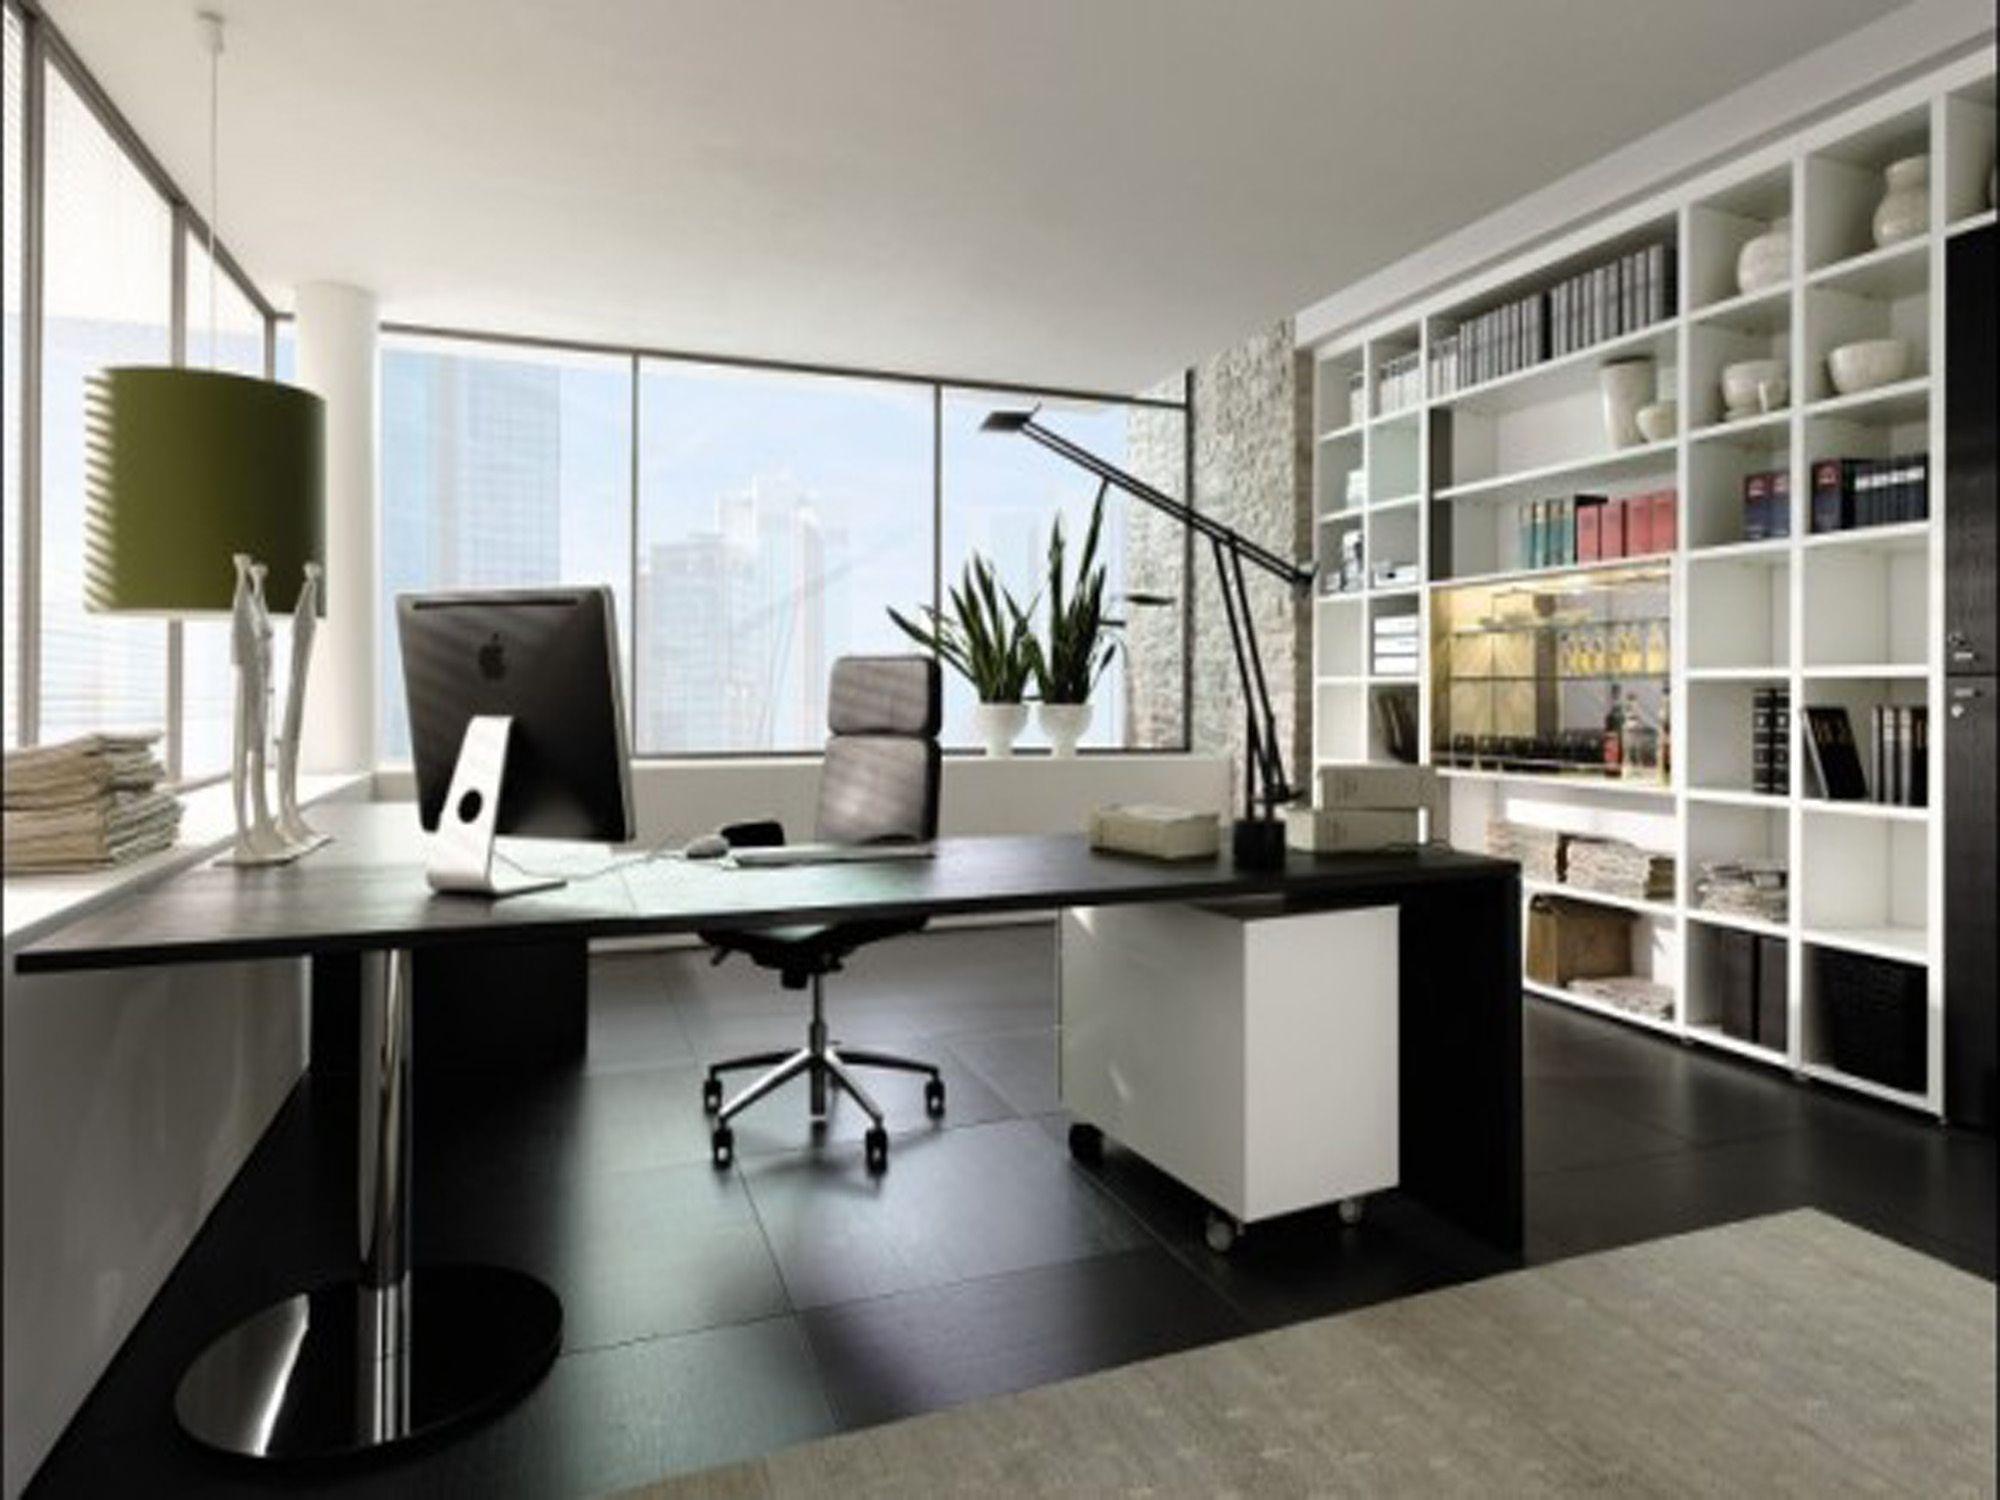 6 modi creativi per allestire l'ufficio in casa - Bigodino